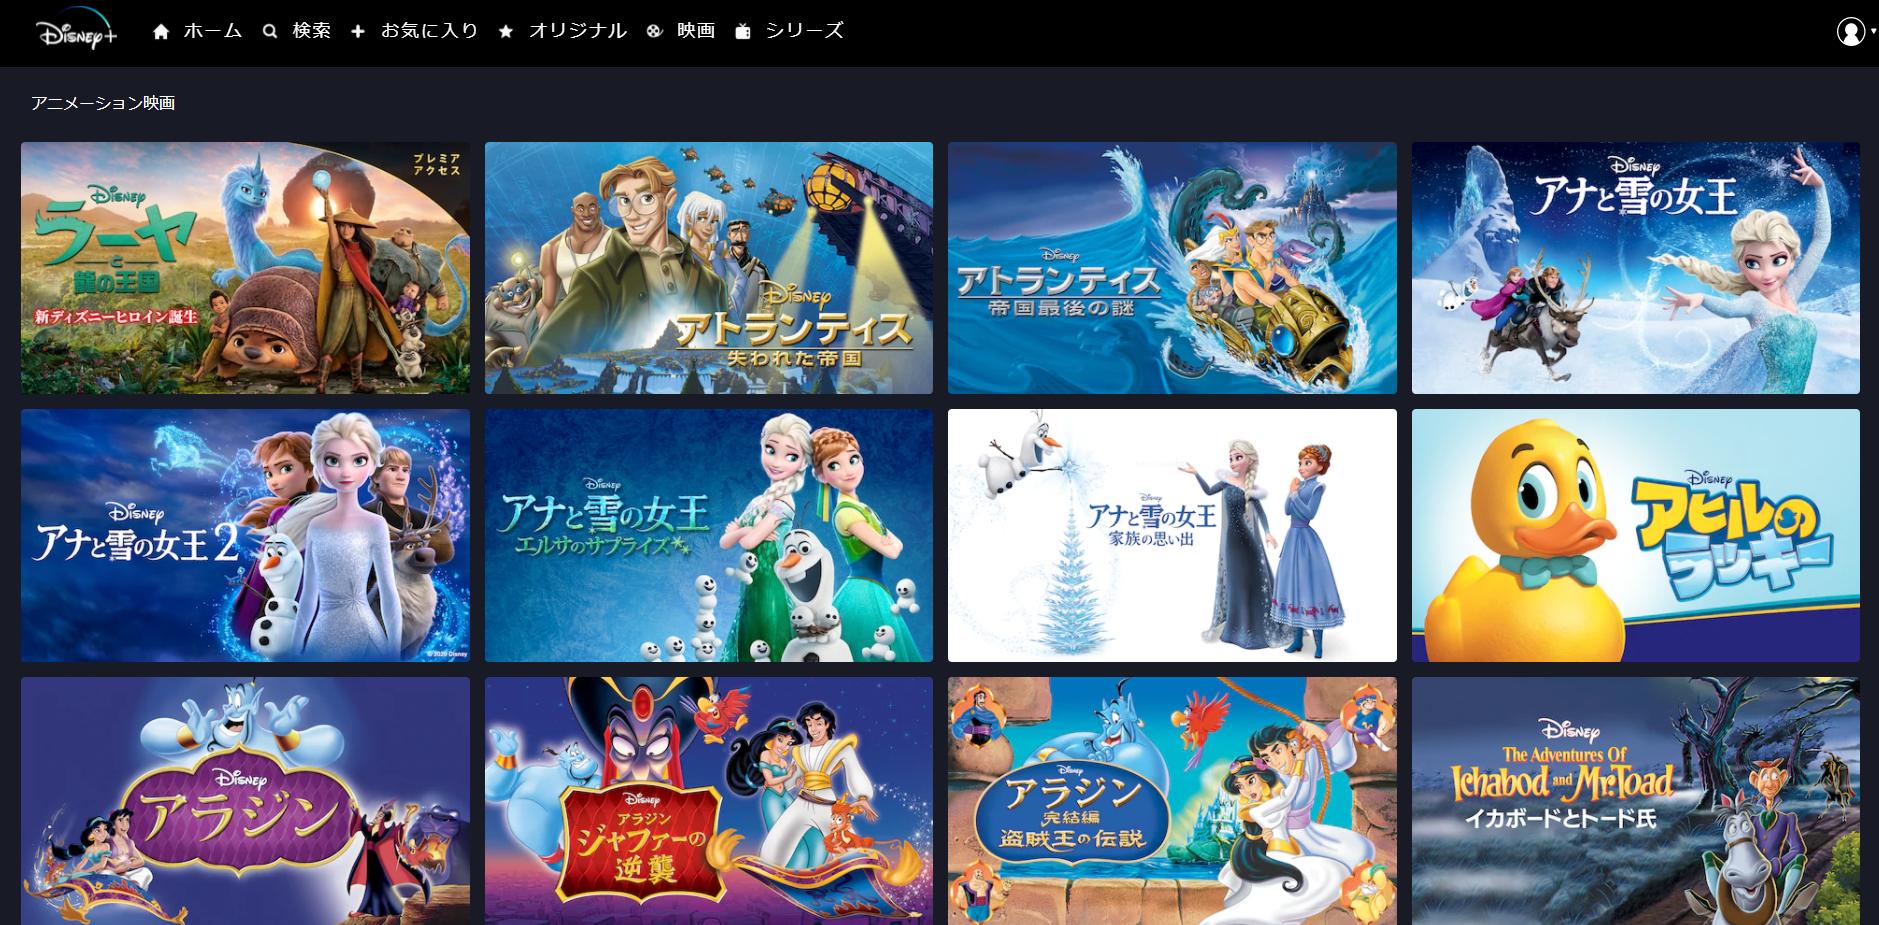 「ディズニープラス」アニメ映画